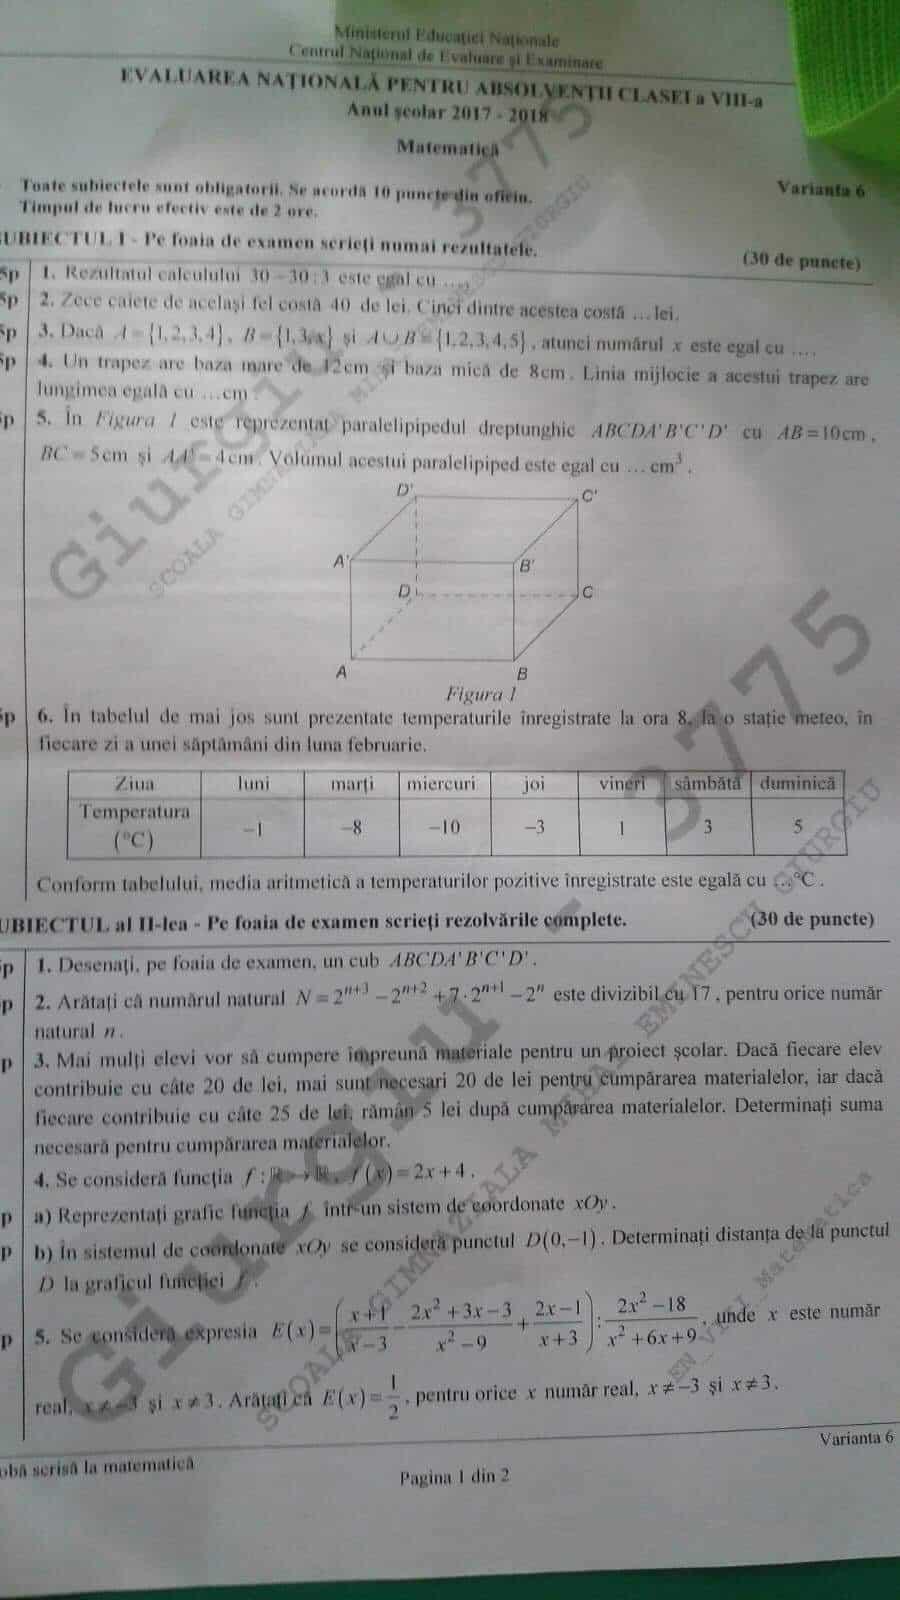 subiecte-matematica-evaluarea-nationala-2018-2